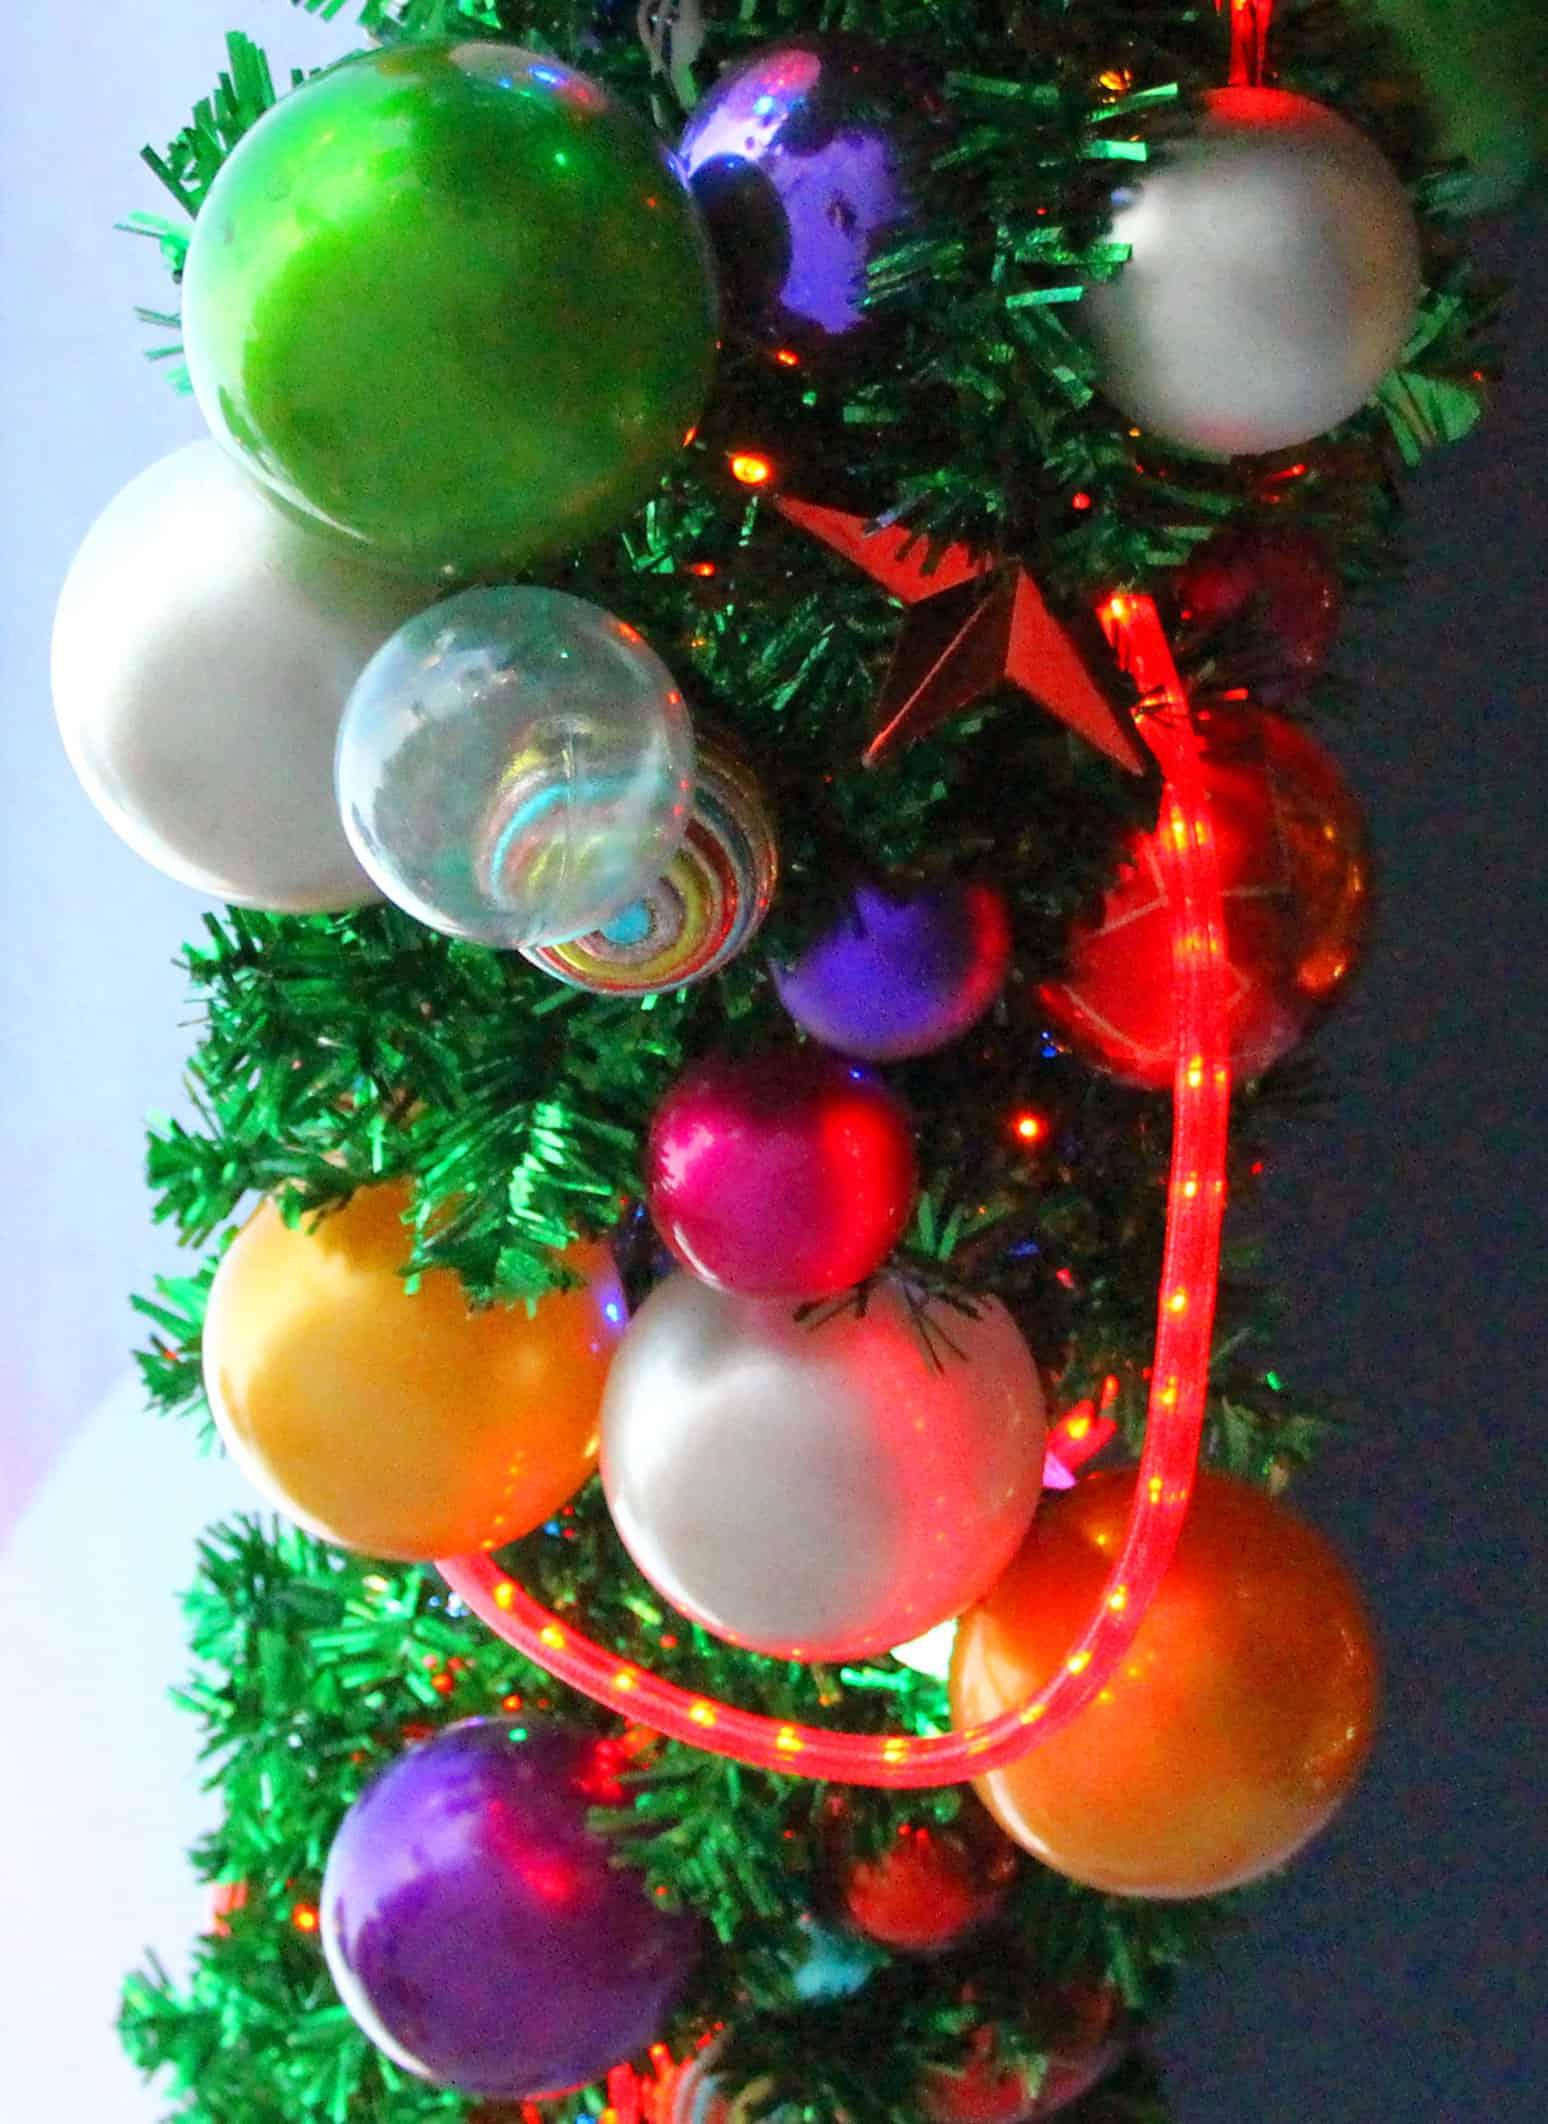 Weiß Christbaumkugeln Kunststoff.Weihnachtskugeln Kunststoff Bunt Christbaumkugeln